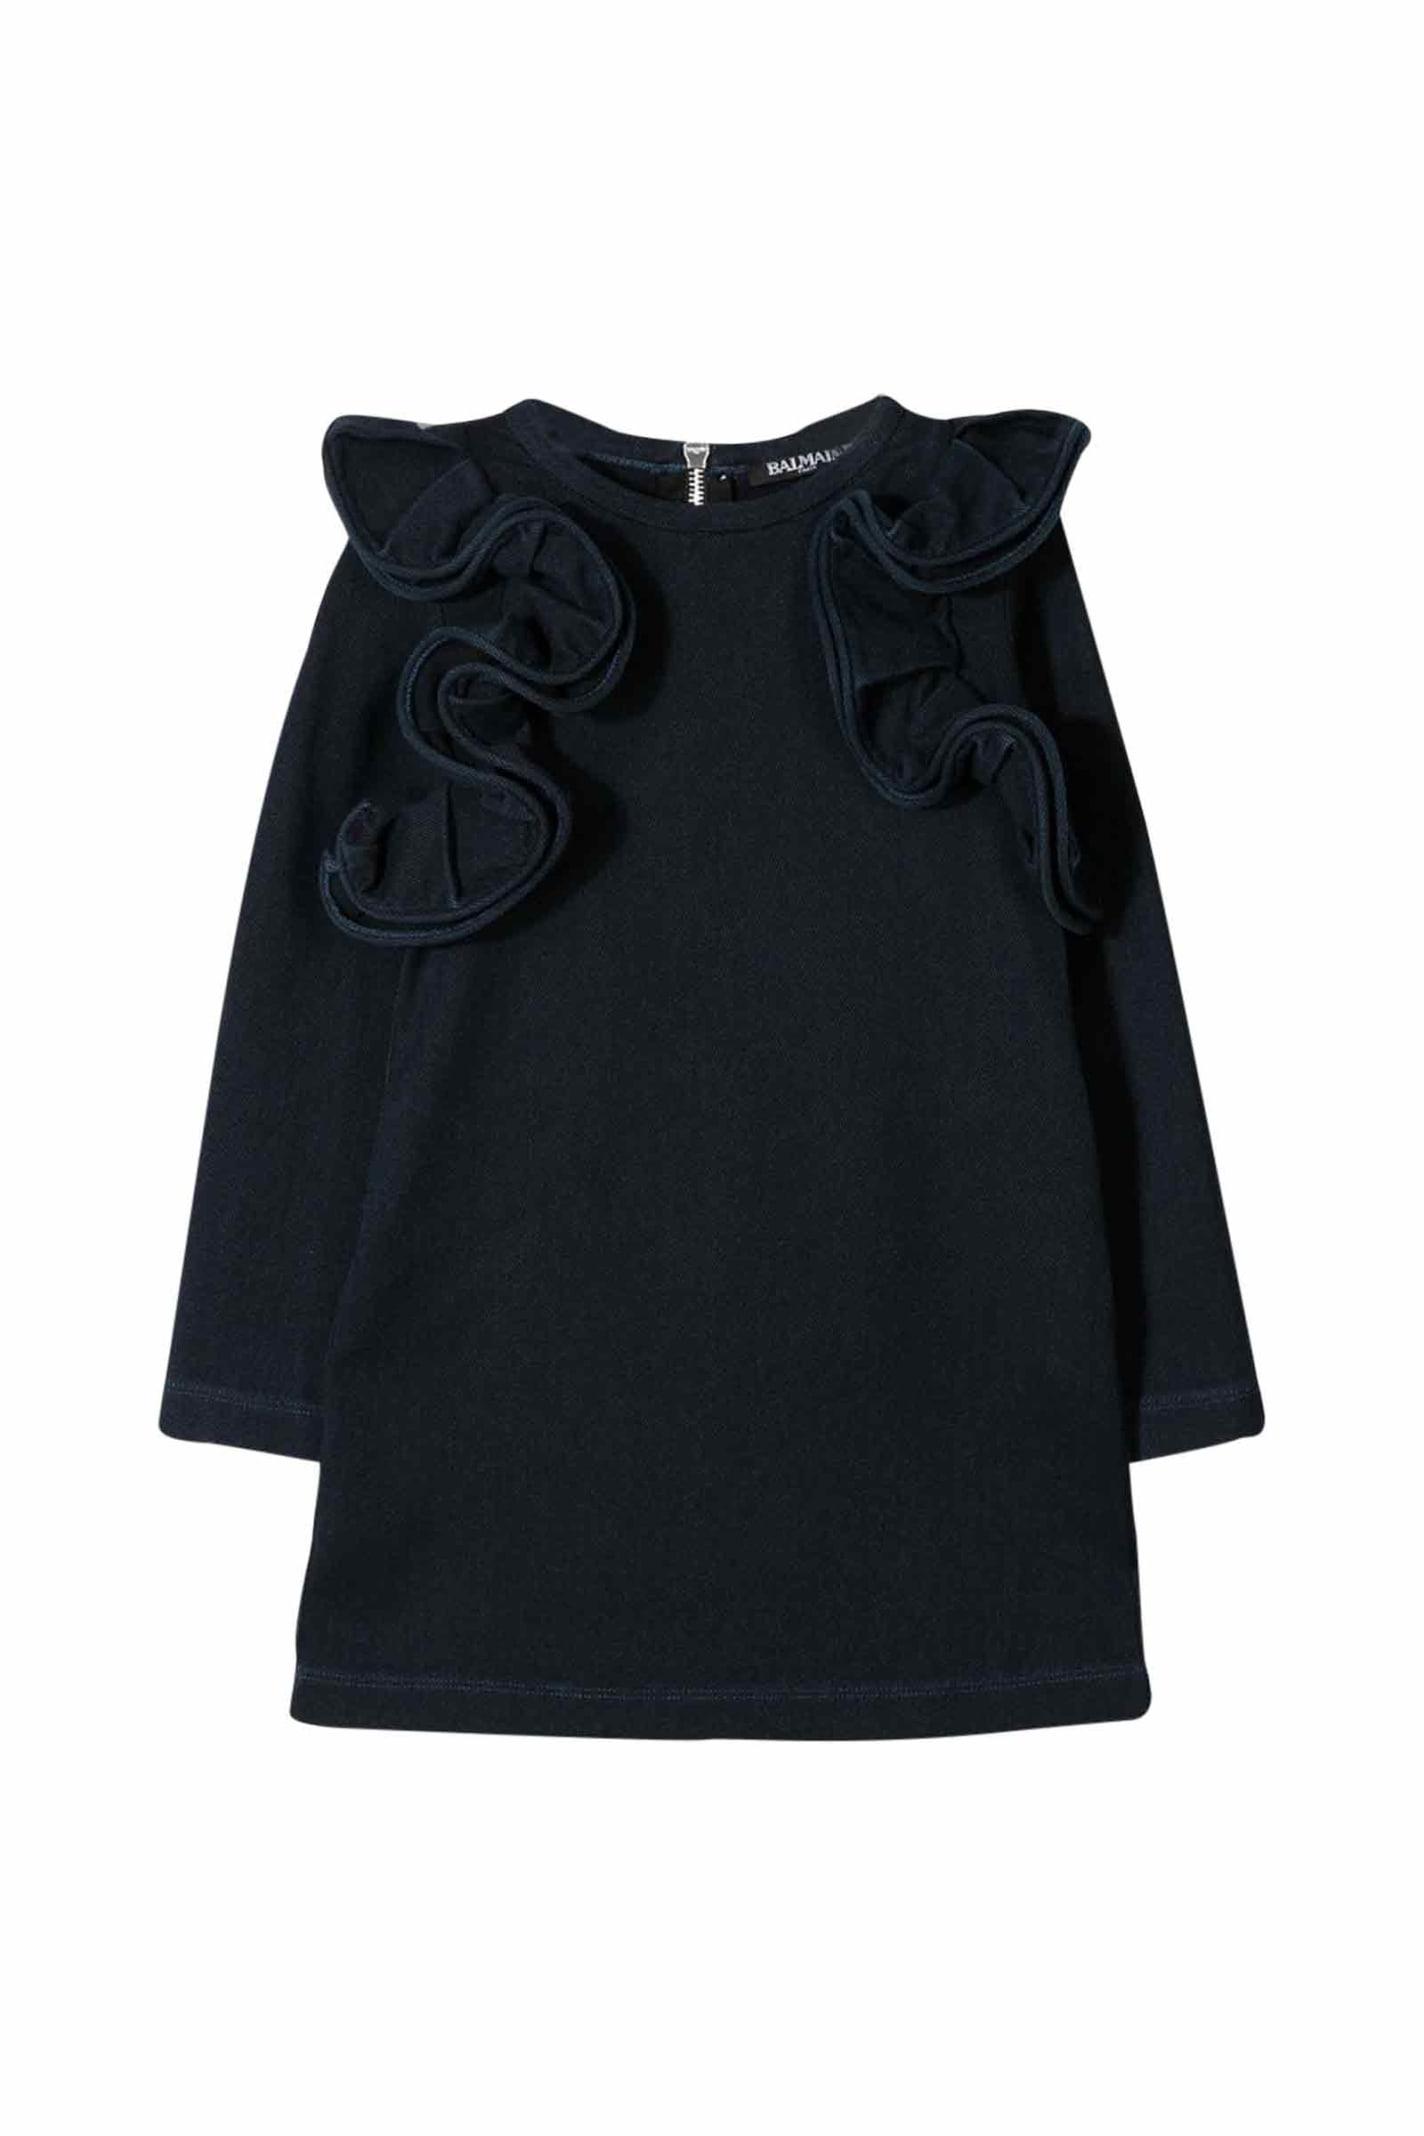 Balmain Dress With Balze